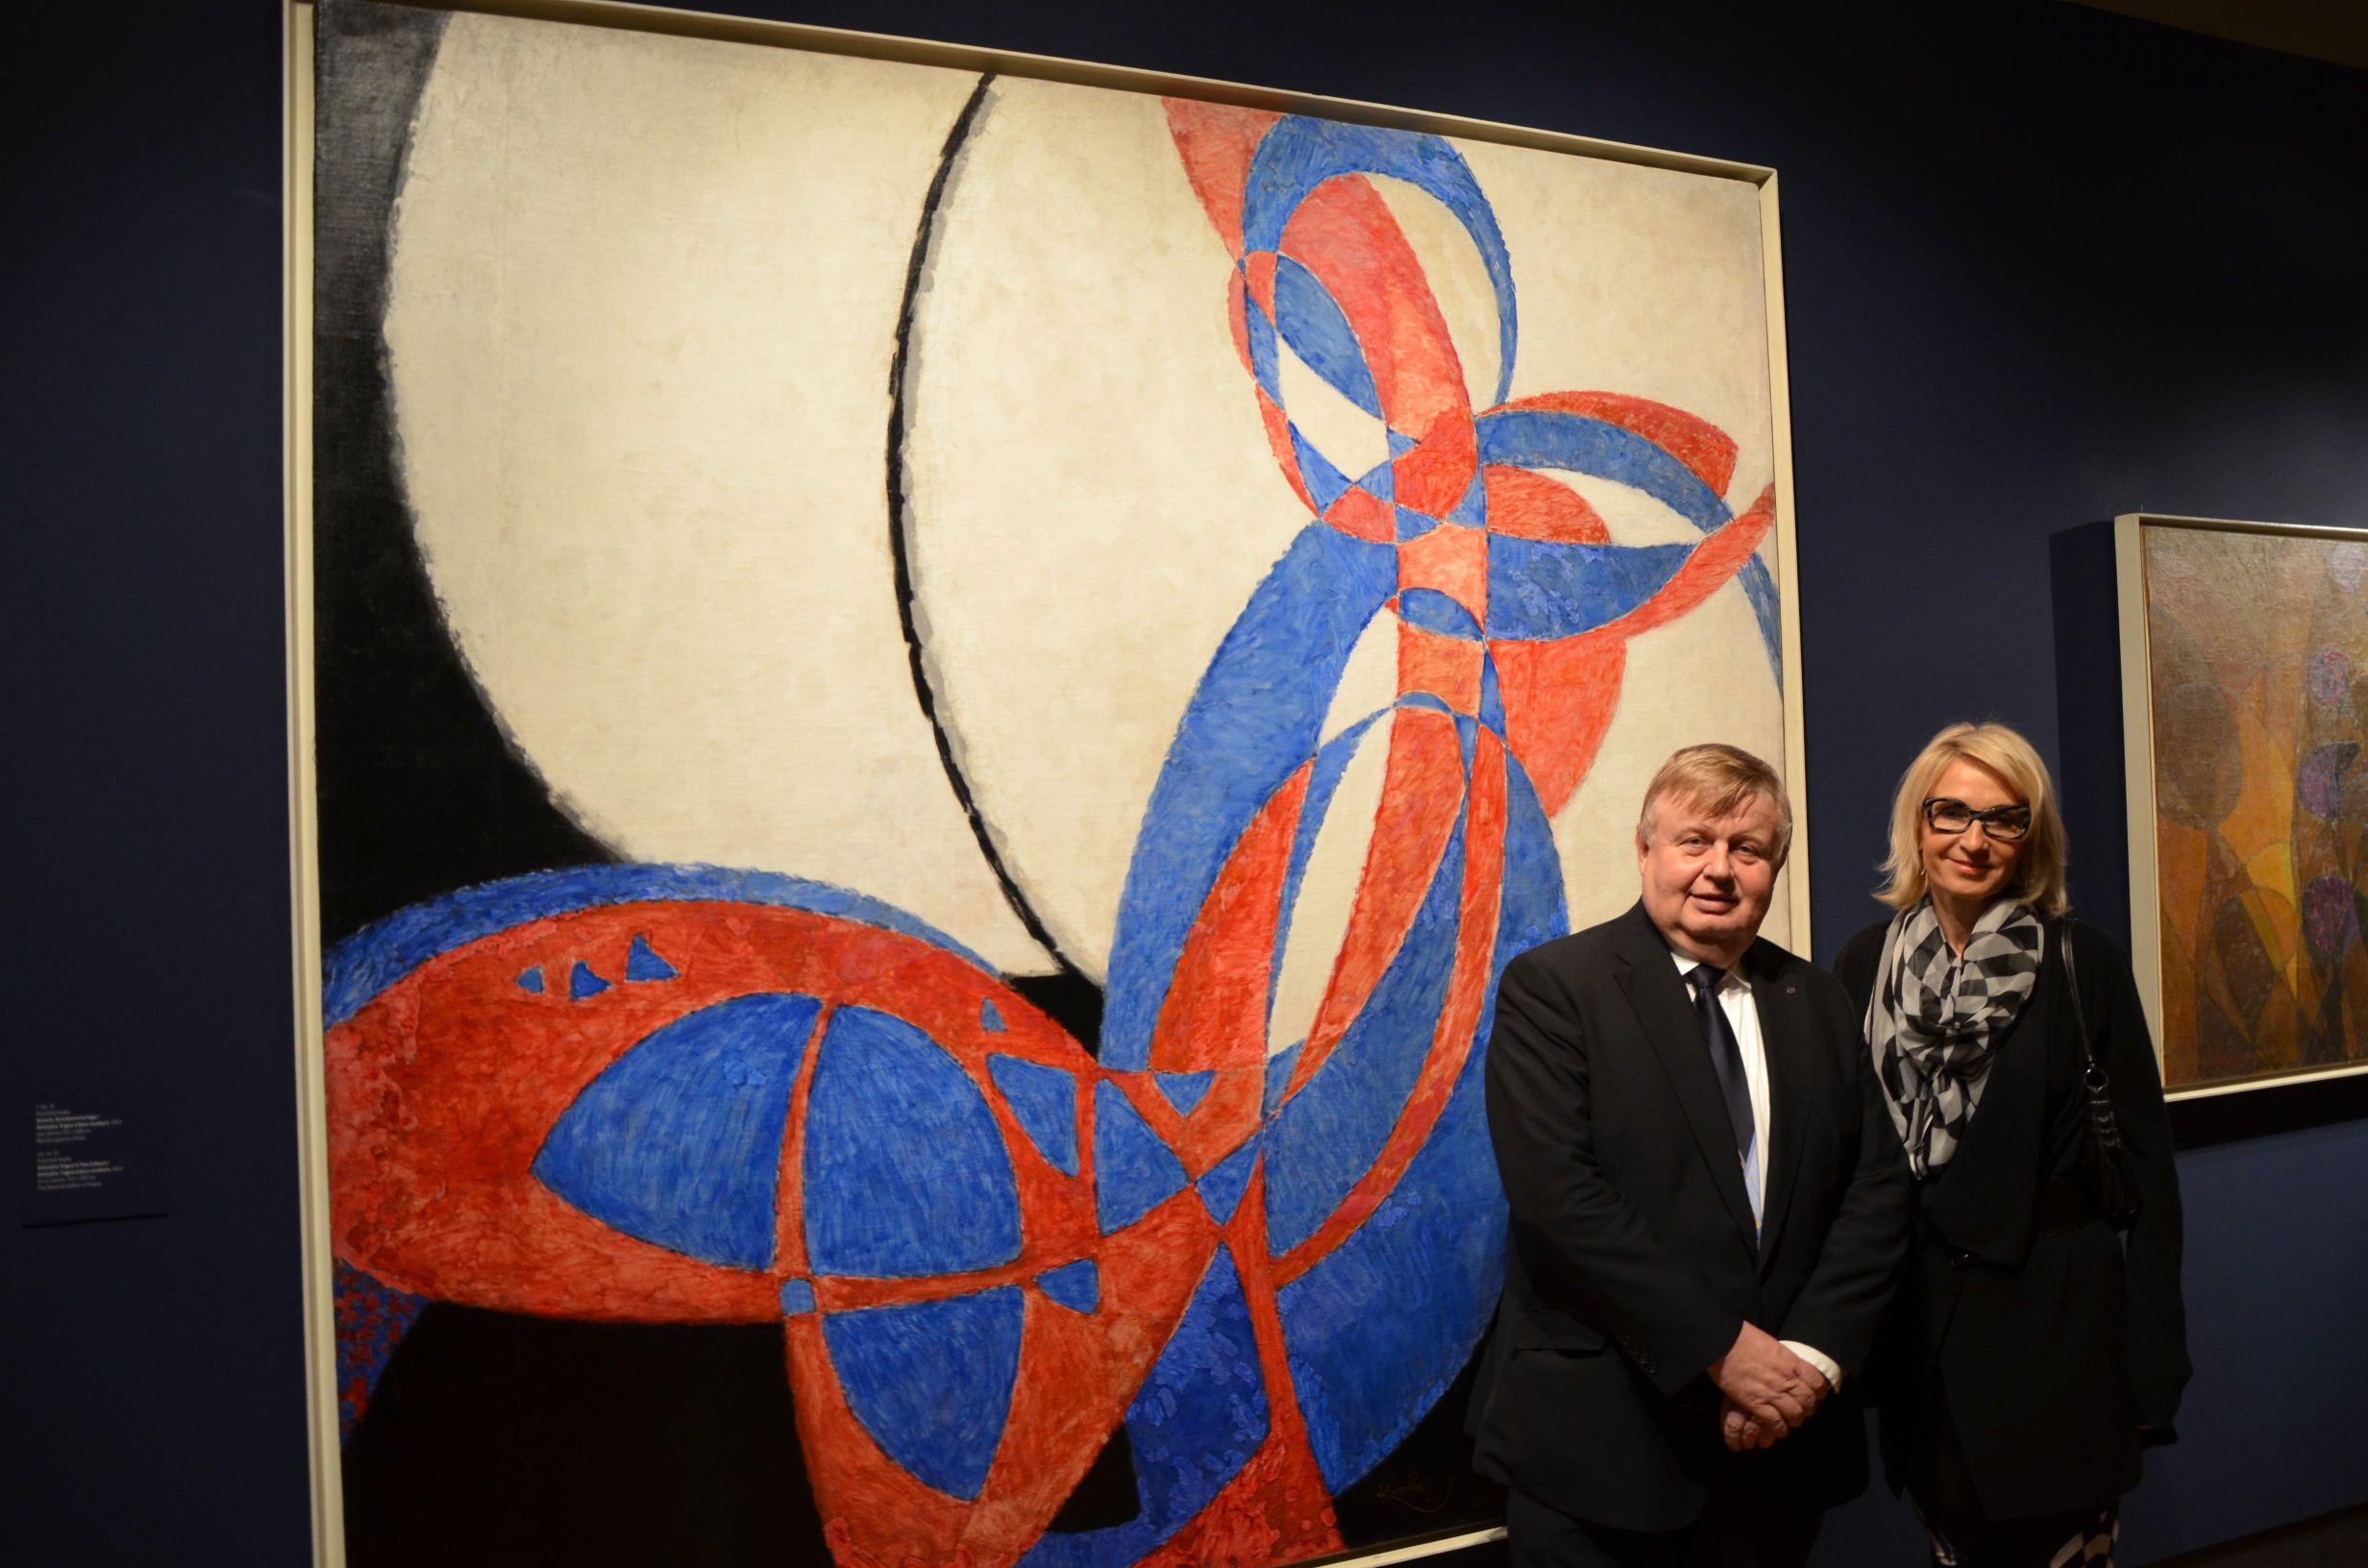 Galerie de photos : Exposition František Kupka : Le chemin vers Amorpha; suivi d'un cocktail